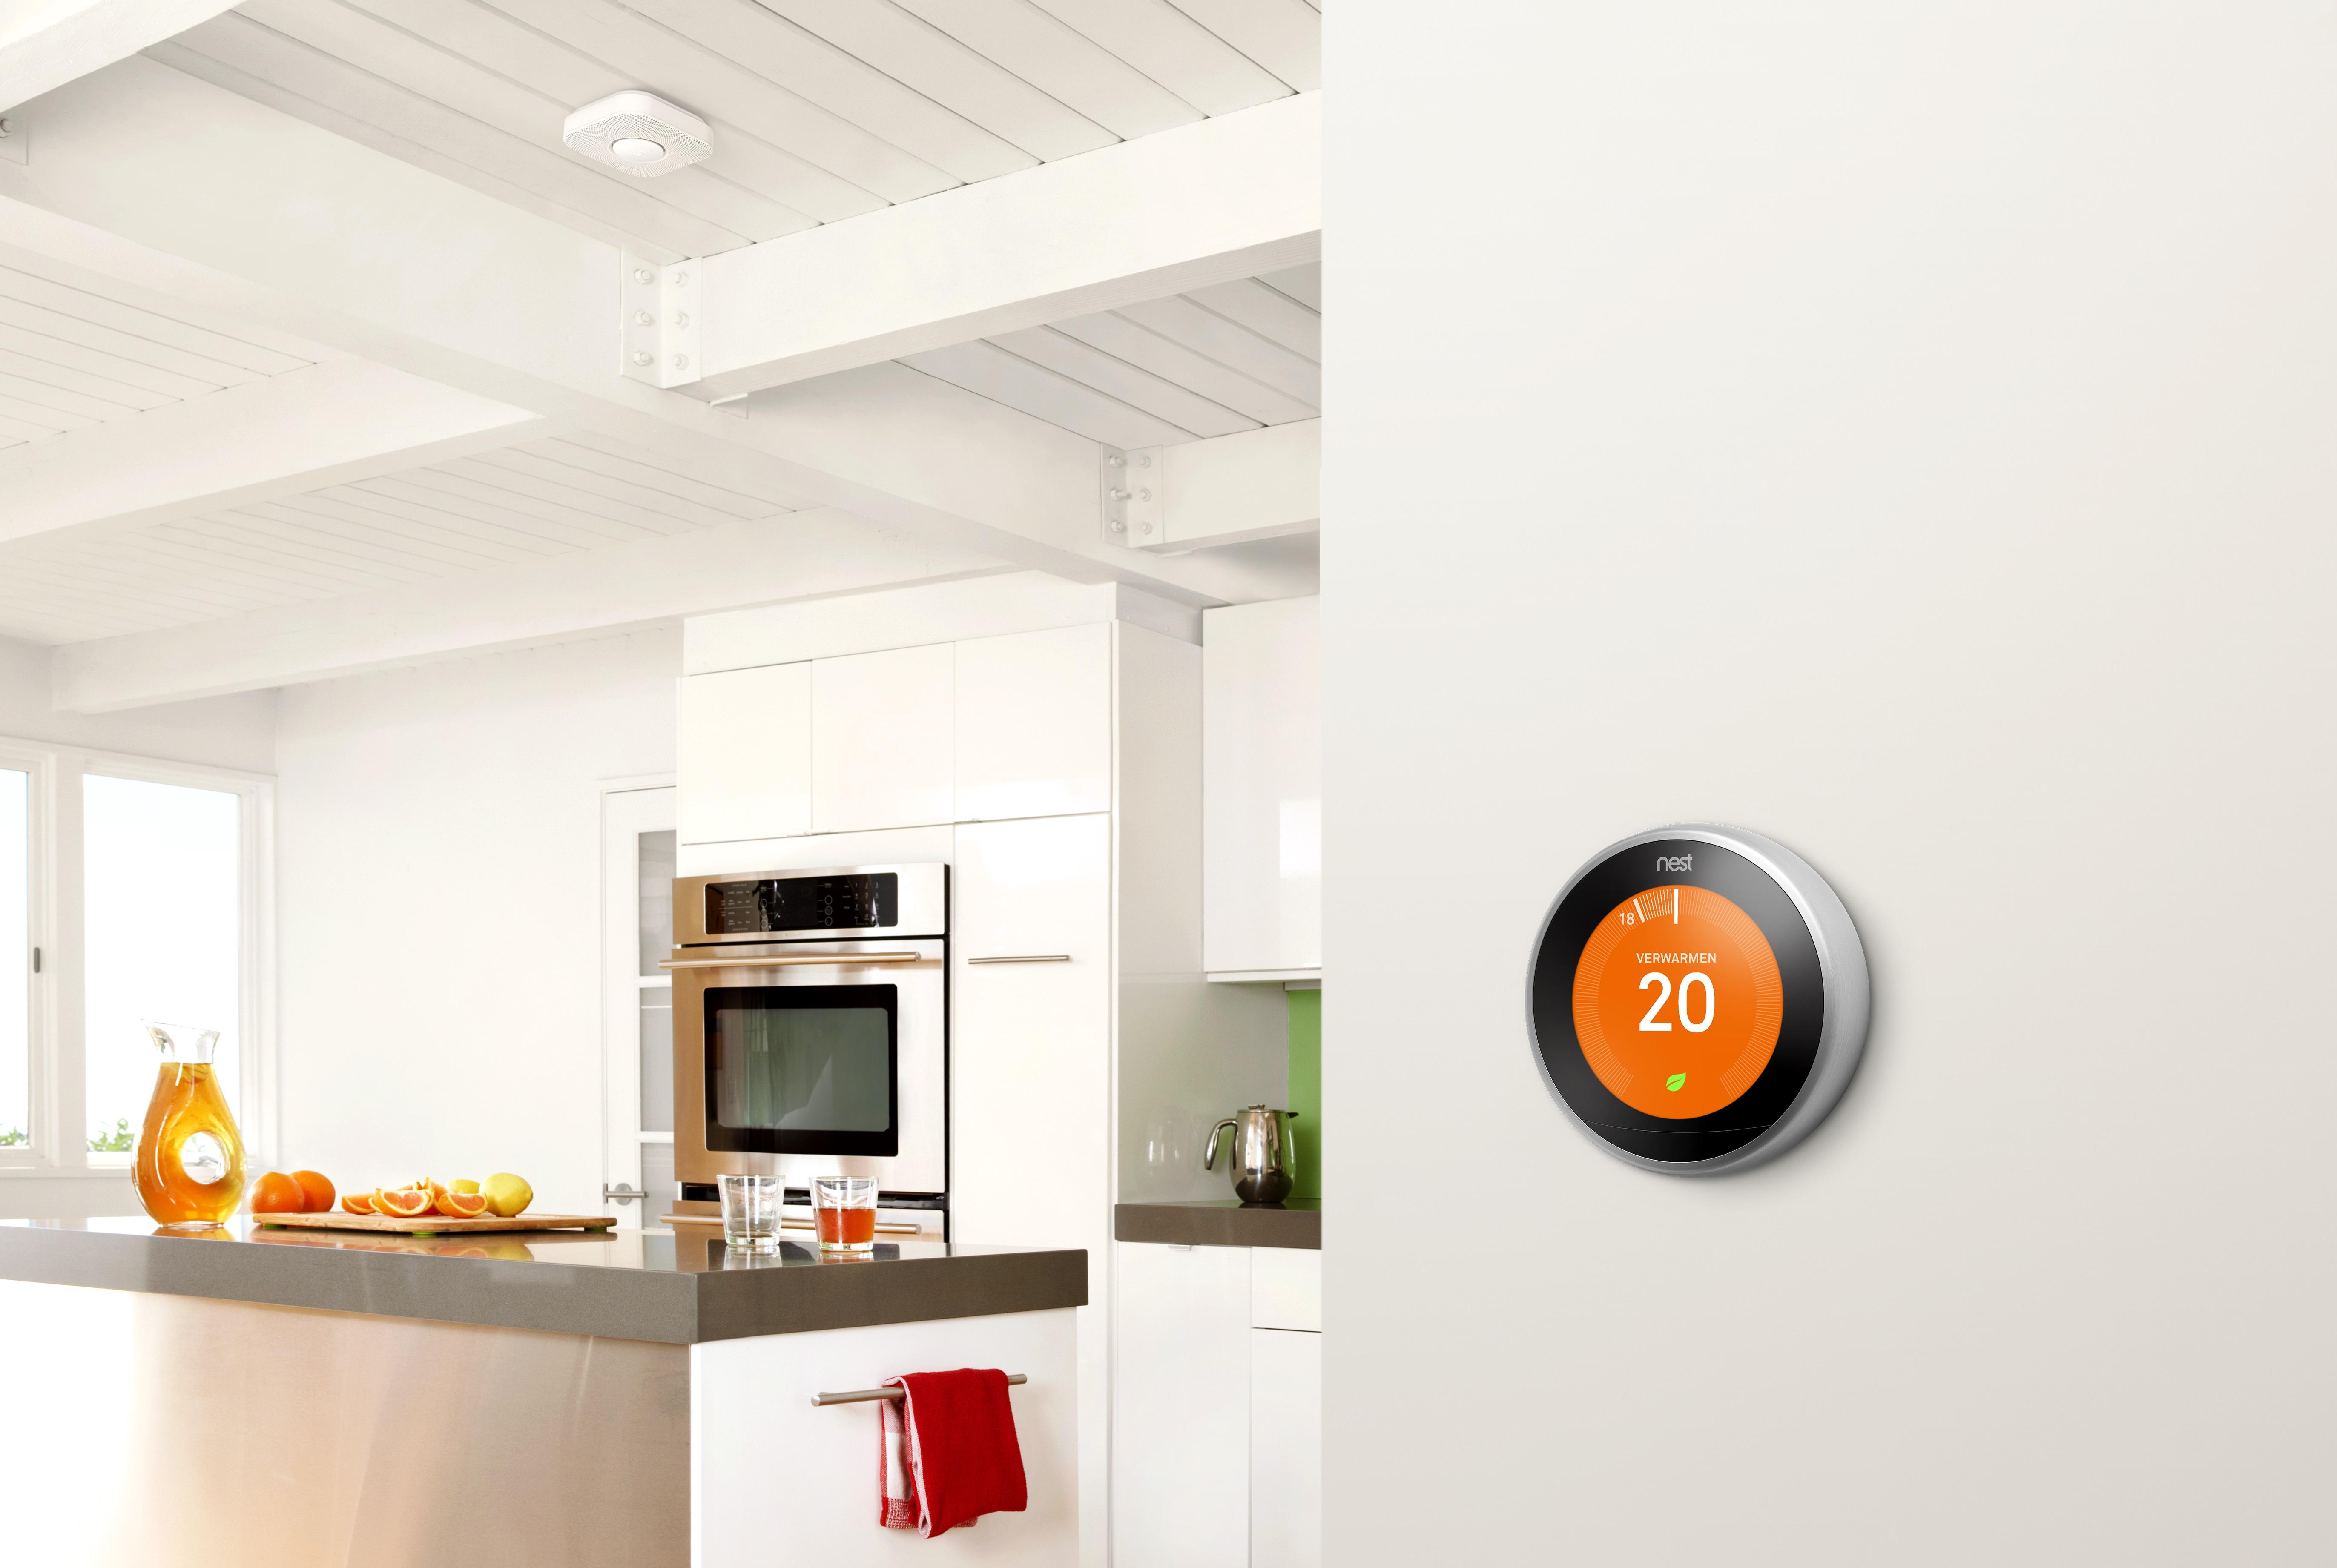 nieuwe nest thermostaat ondersteunt opentherm. Black Bedroom Furniture Sets. Home Design Ideas